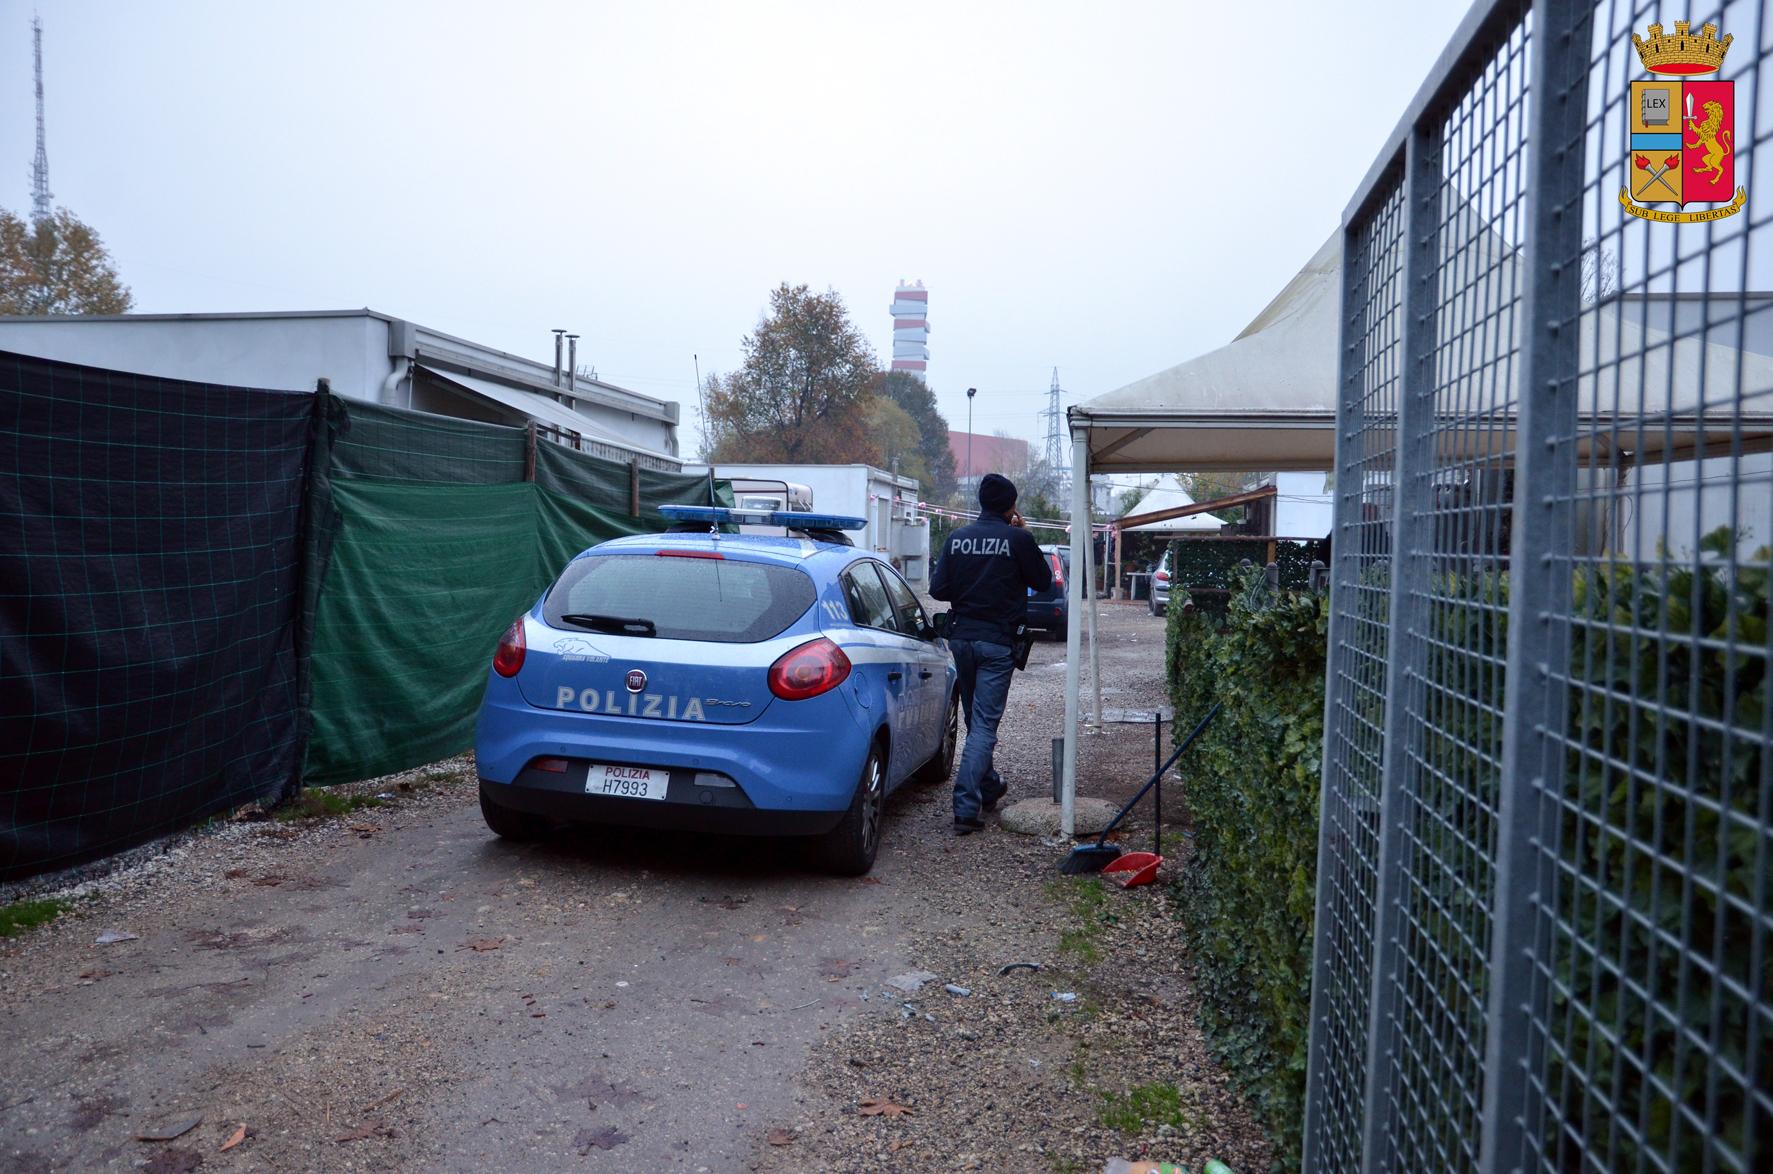 Controllo di polizia nel campo nomadi in via longhin for Permesso di soggiorno padova